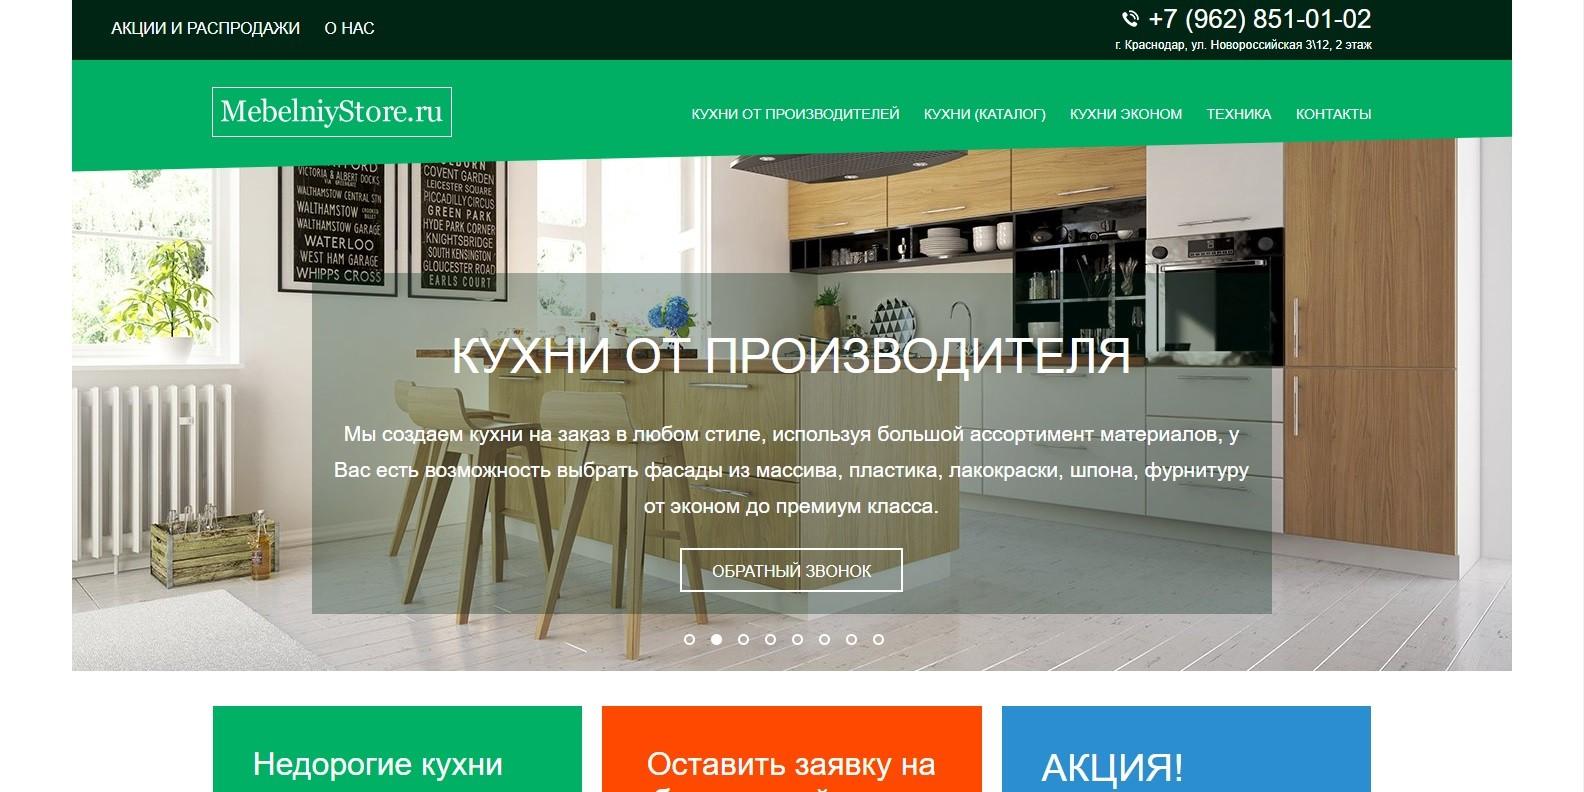 MebelniyStore.ru